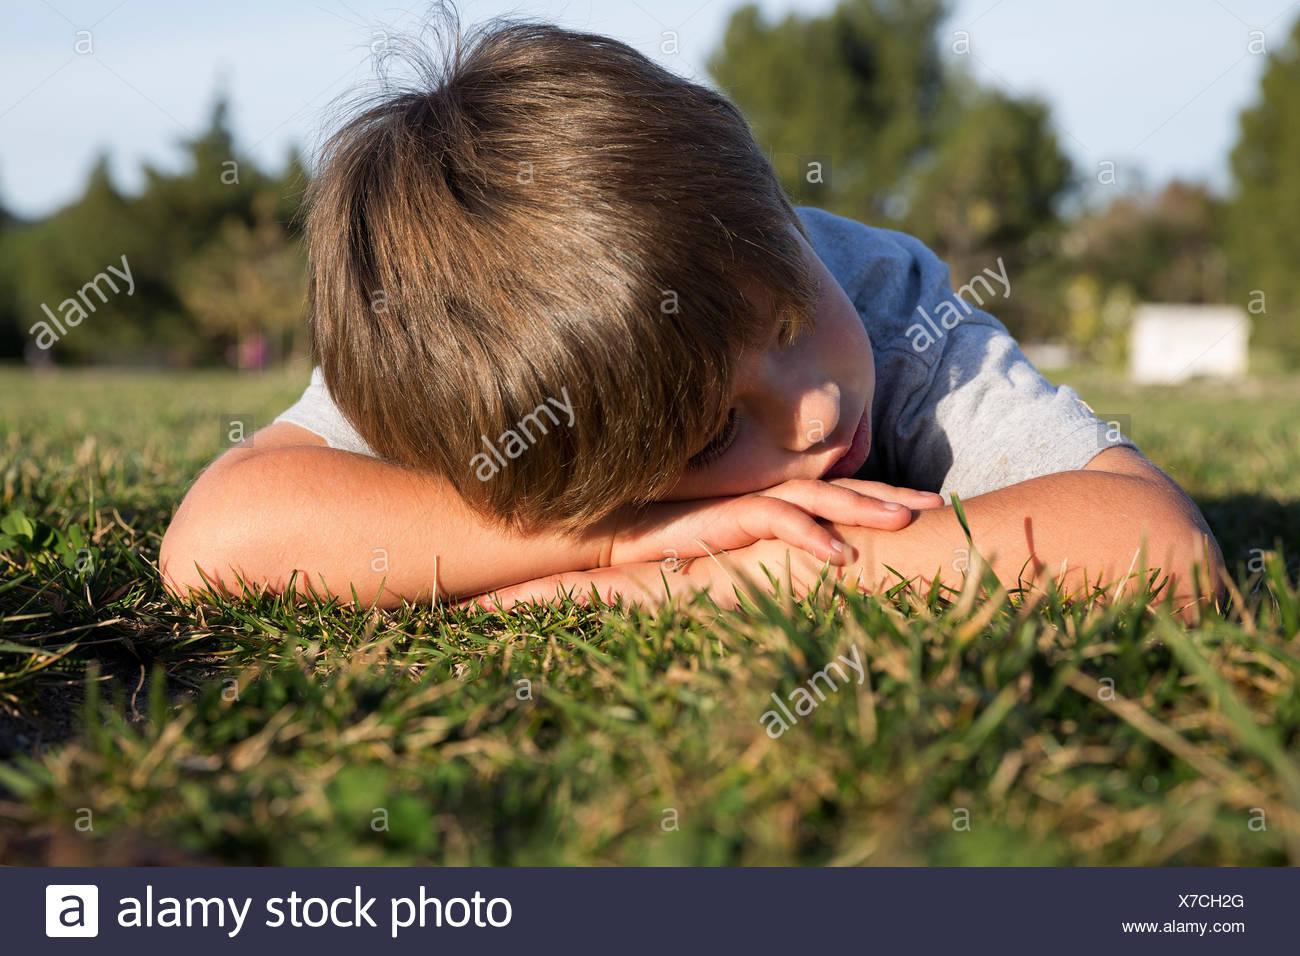 Garçon maussade, la tête en bas, couché sur l'herbe du parc Photo Stock